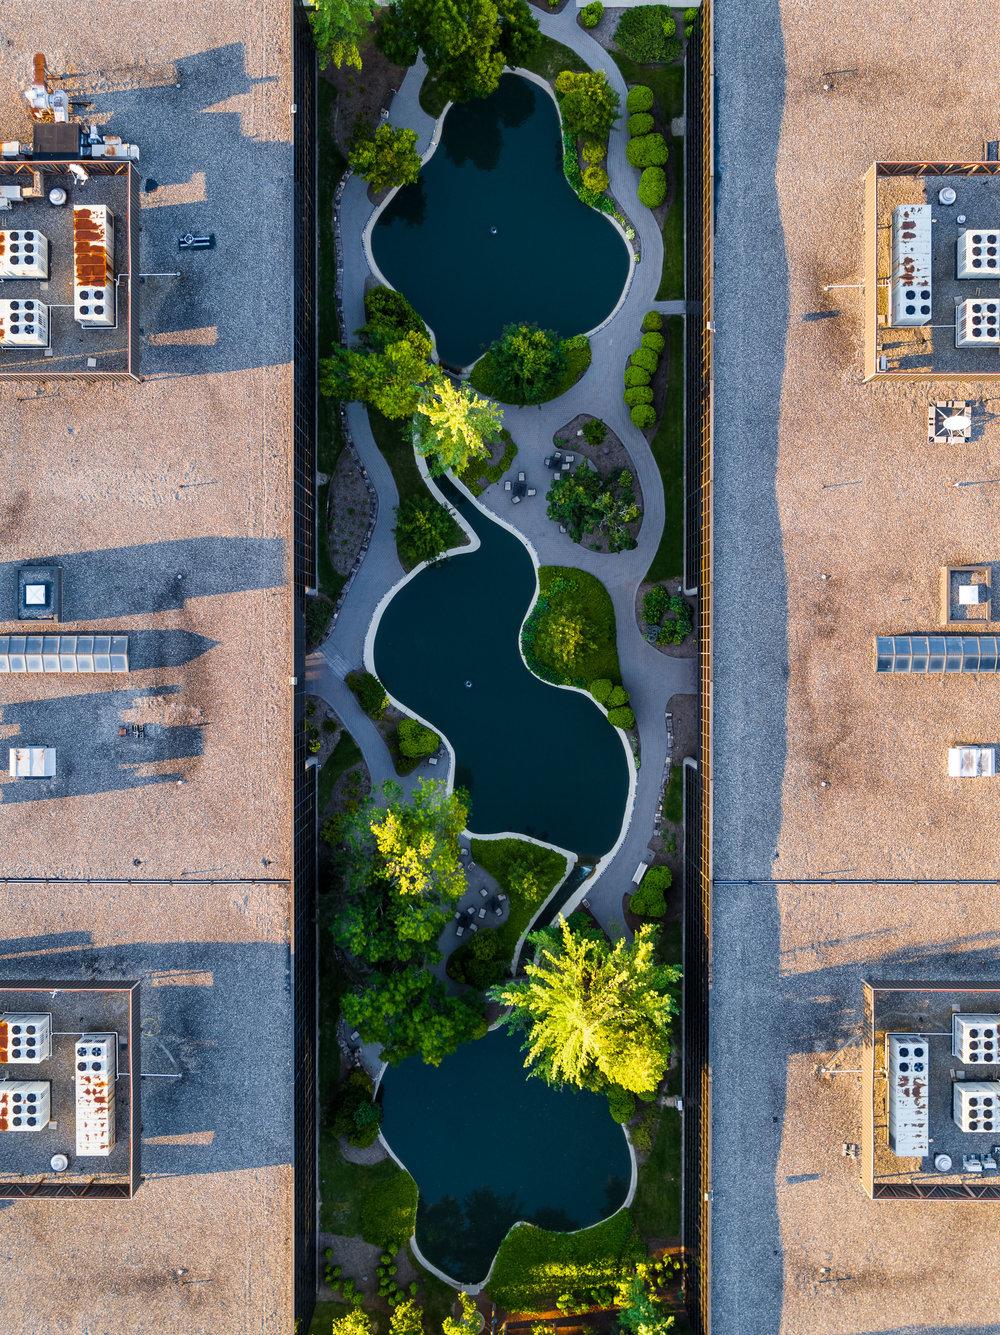 buildings_typoland_aerial-2.jpg